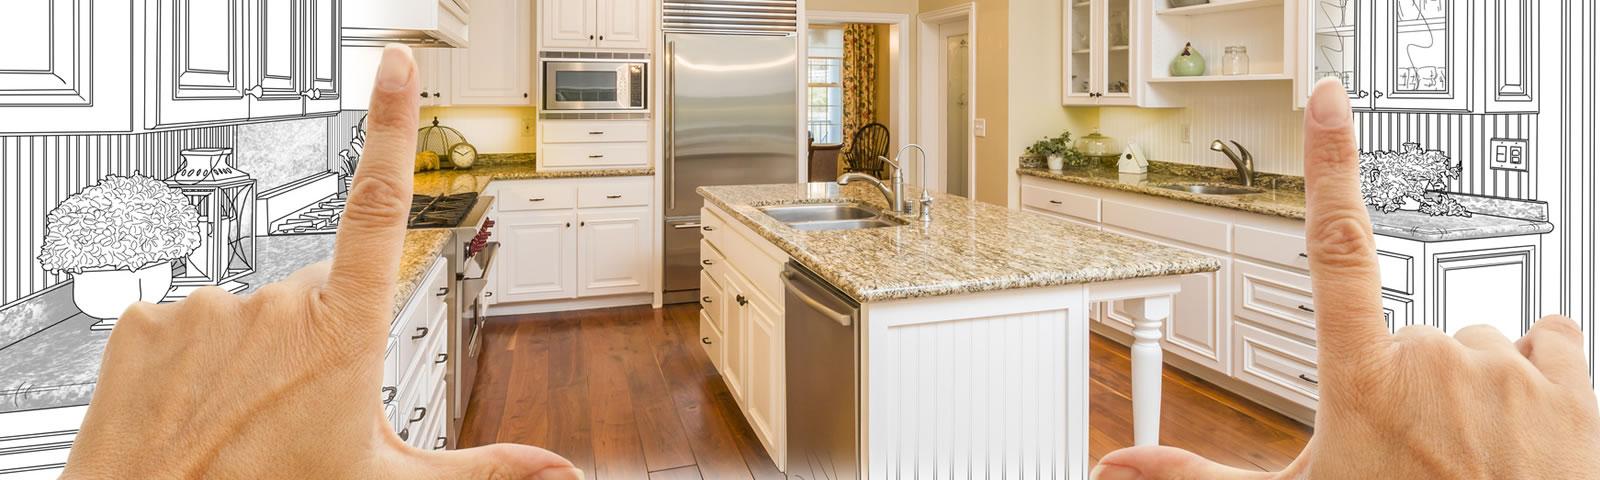 schreinerei seeger innenausbau m belschreinerei au enarbeiten reparaturen stuttgart ulm. Black Bedroom Furniture Sets. Home Design Ideas